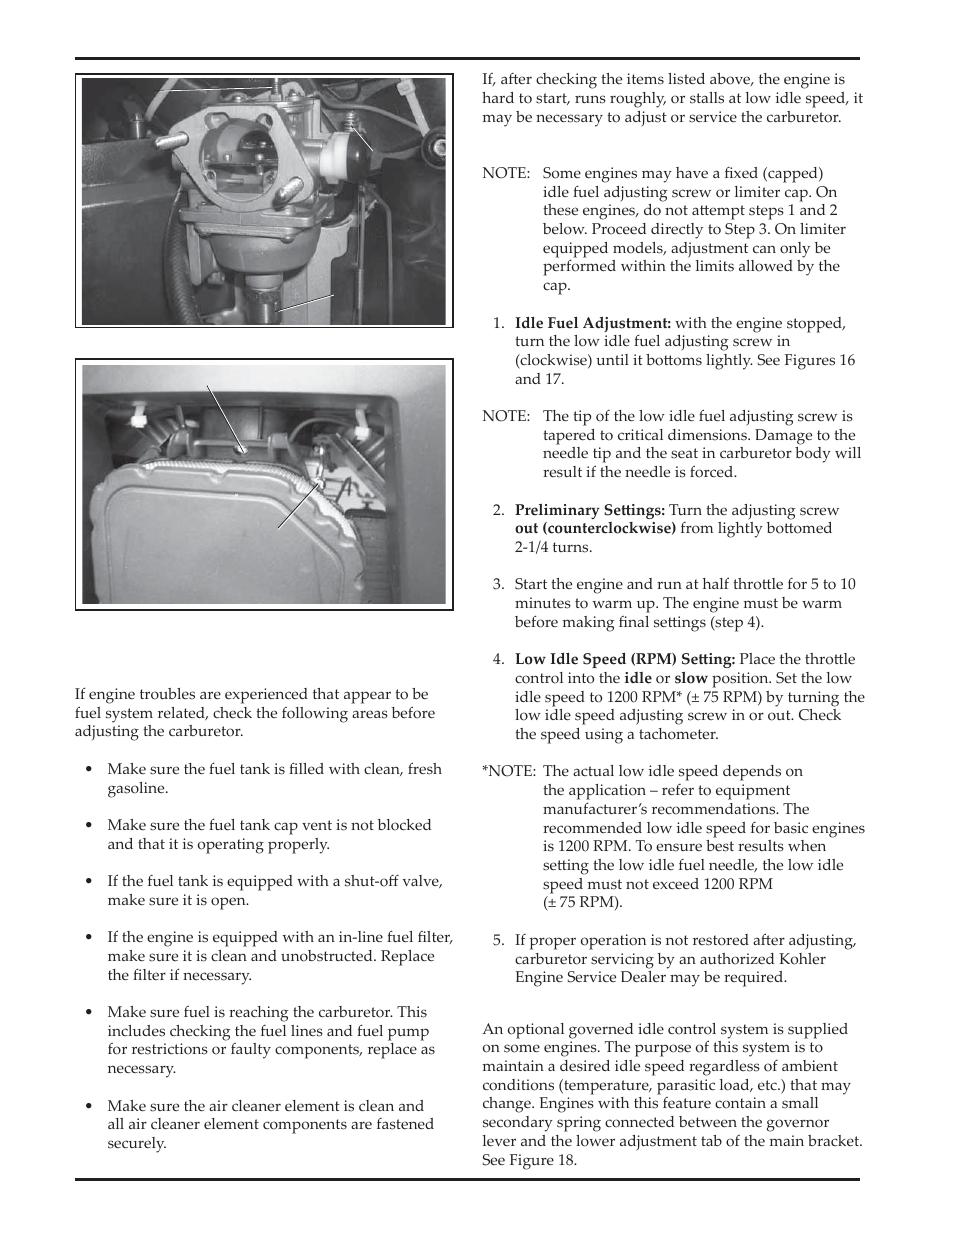 kohler courage sv720 user manual page 12 20 original mode rh manualsdir com Kohler Engine Parts Catalog Kohler Generators Service Manuals